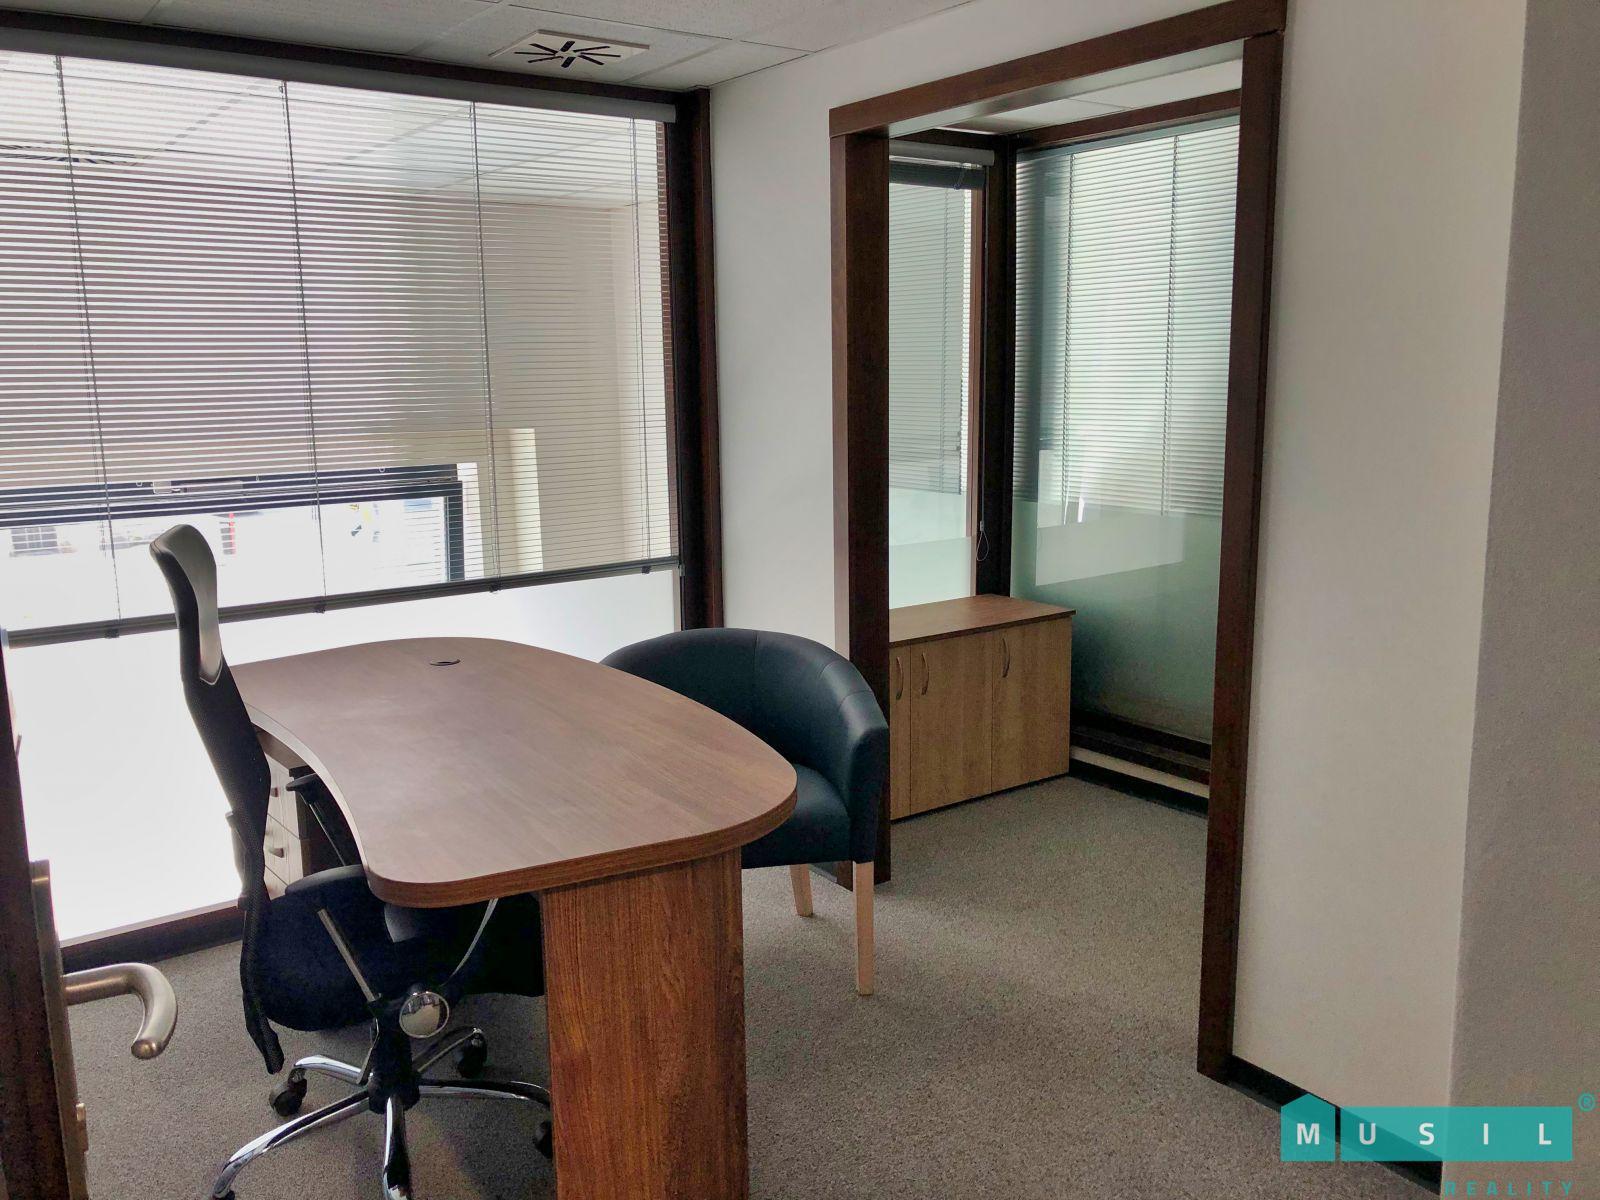 Pronájem kanceláře 8 m2 v hotelovém komplexu v centru města